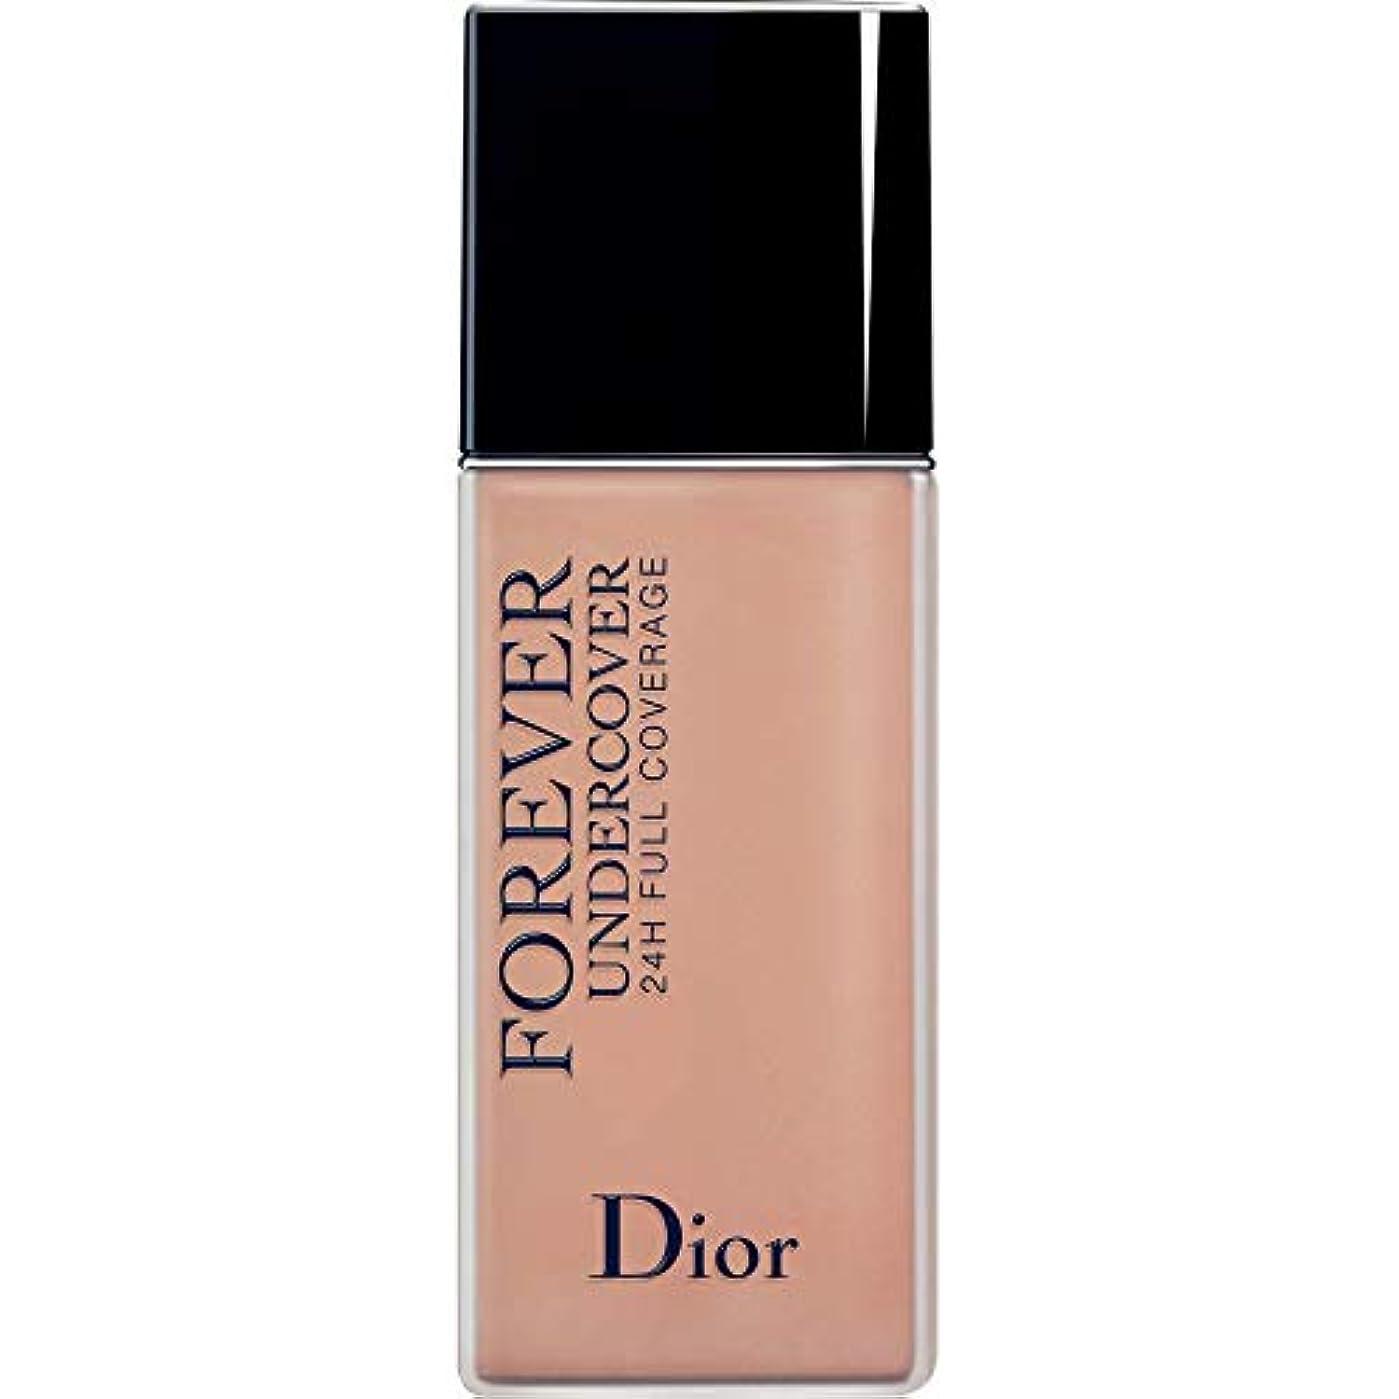 本を読むクライマックス貞[Dior ] ディオールディオールスキン永遠アンダーカバーフルカバーの基礎40ミリリットル034 - アーモンドベージュ - DIOR Diorskin Forever Undercover Full Coverage...